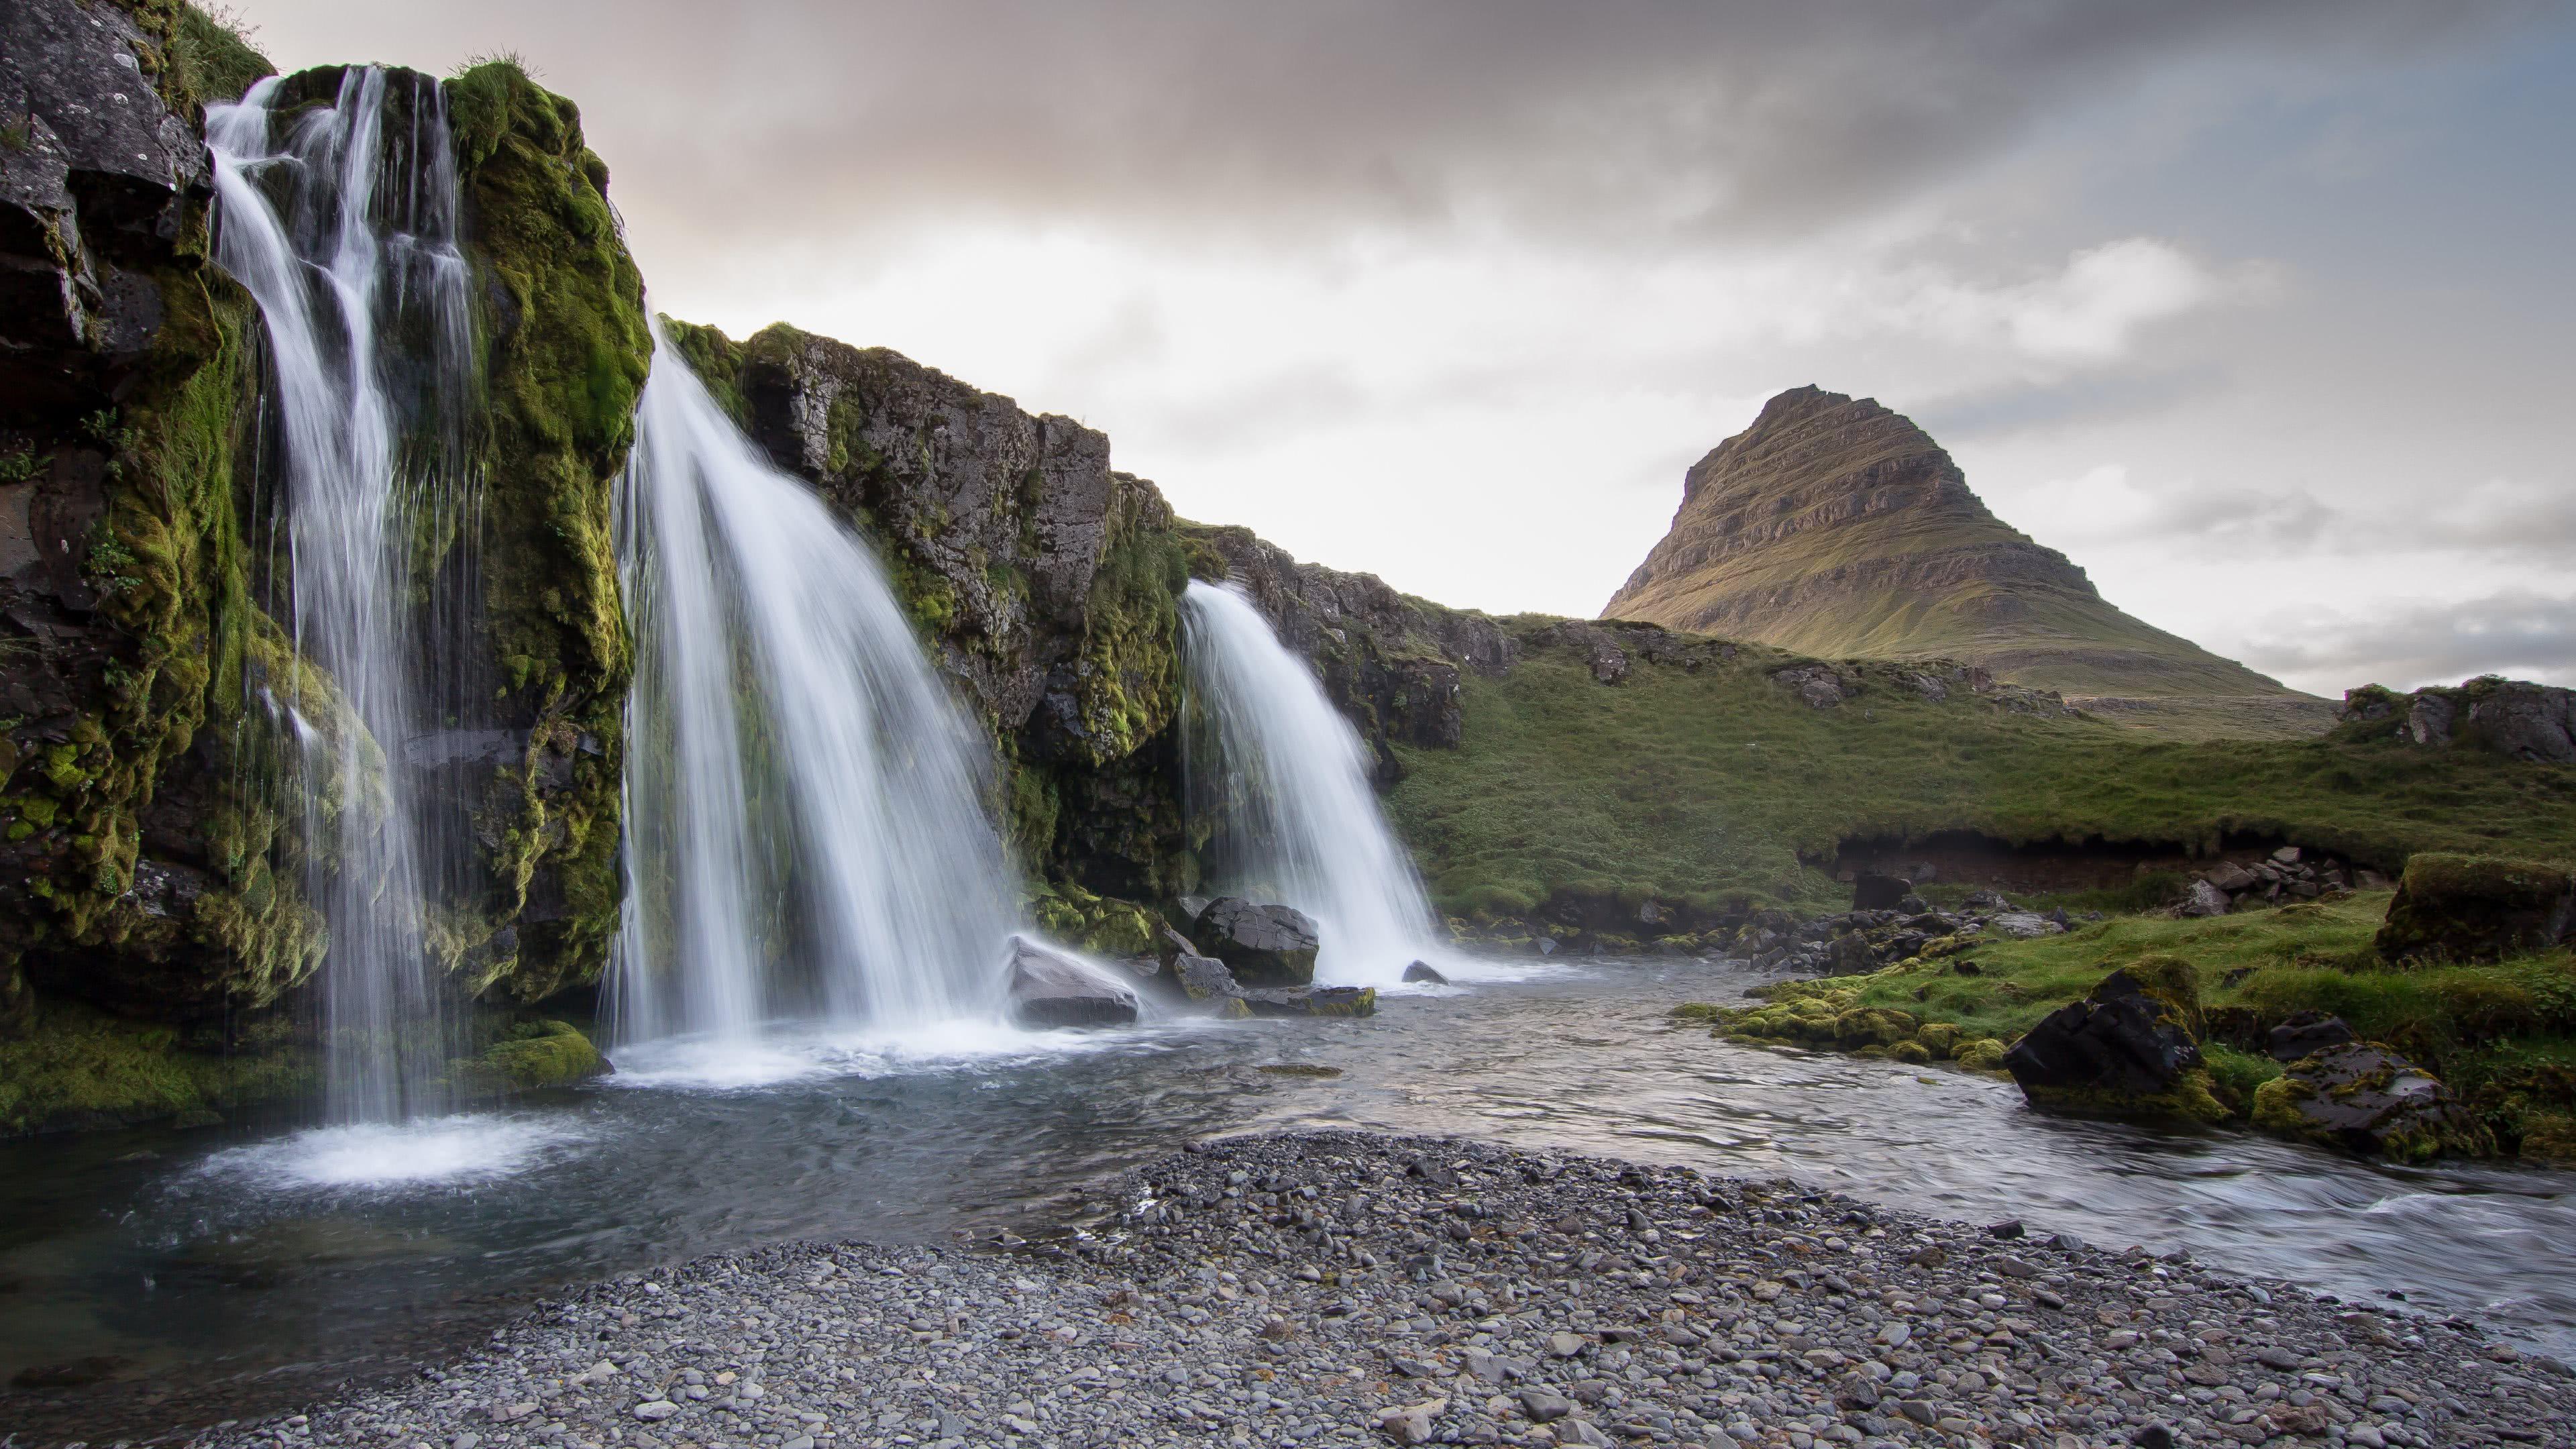 Iceland Waterfall Kirkjufell Mountain Uhd 4k Wallpaper